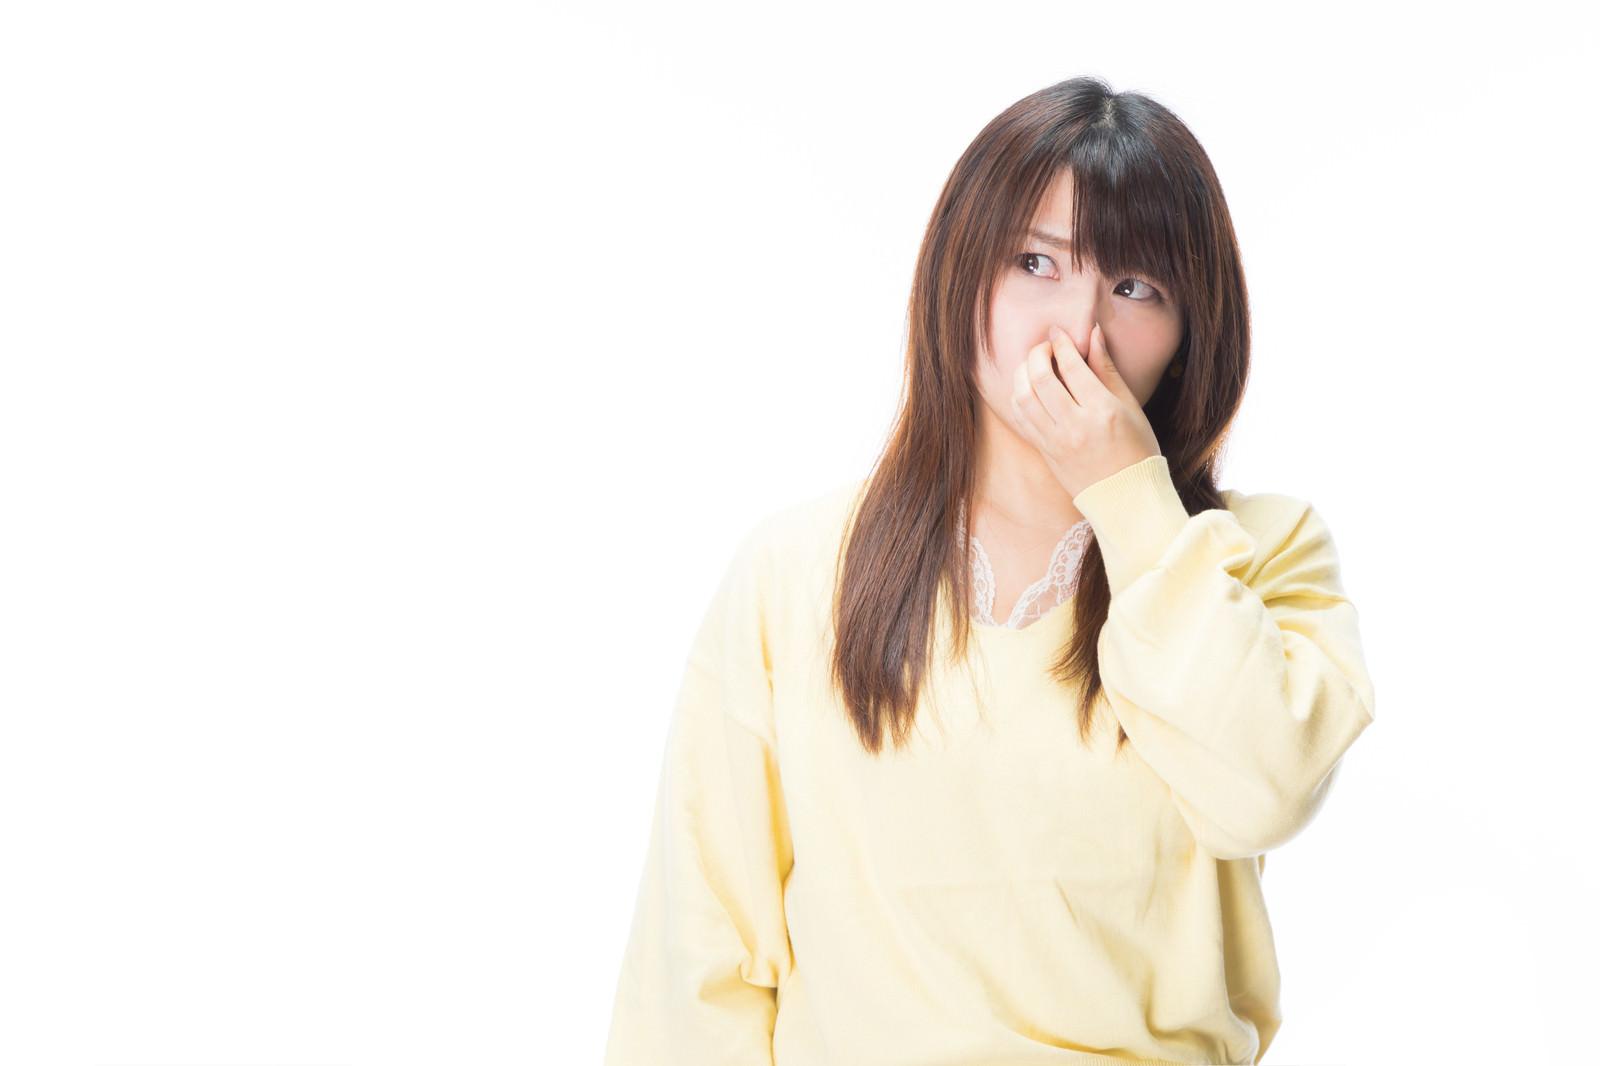 「女性が鼻をつまむ程のにおいが充満してる | 写真の無料素材・フリー素材 - ぱくたそ」の写真[モデル:Lala]